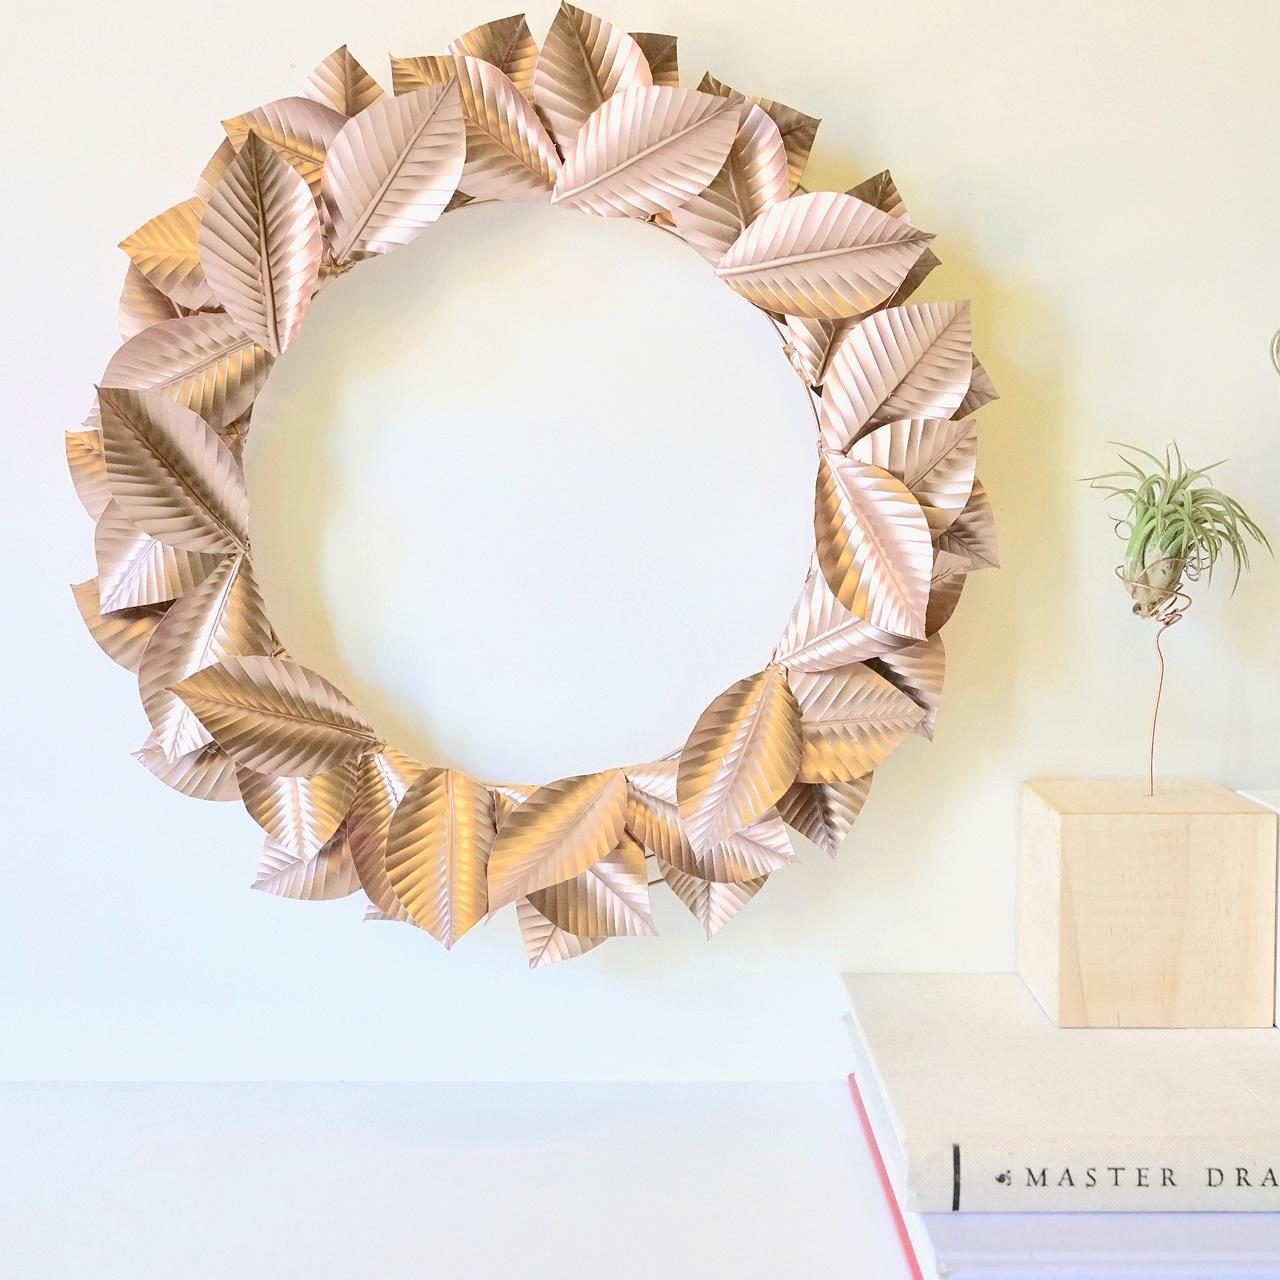 DIY Aluminum Wreath - Hunker.com